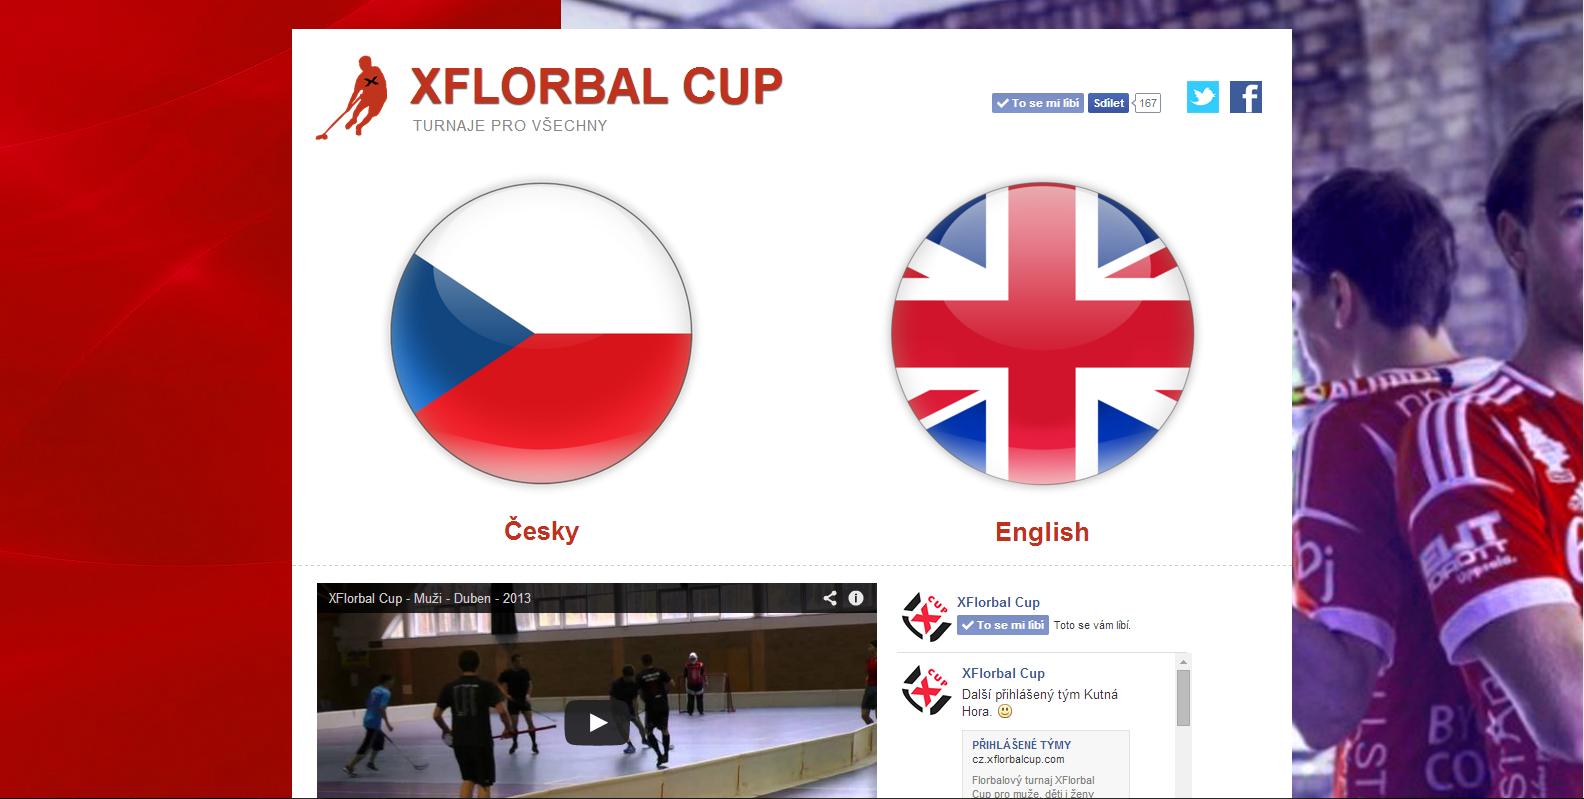 xflorbal_cup